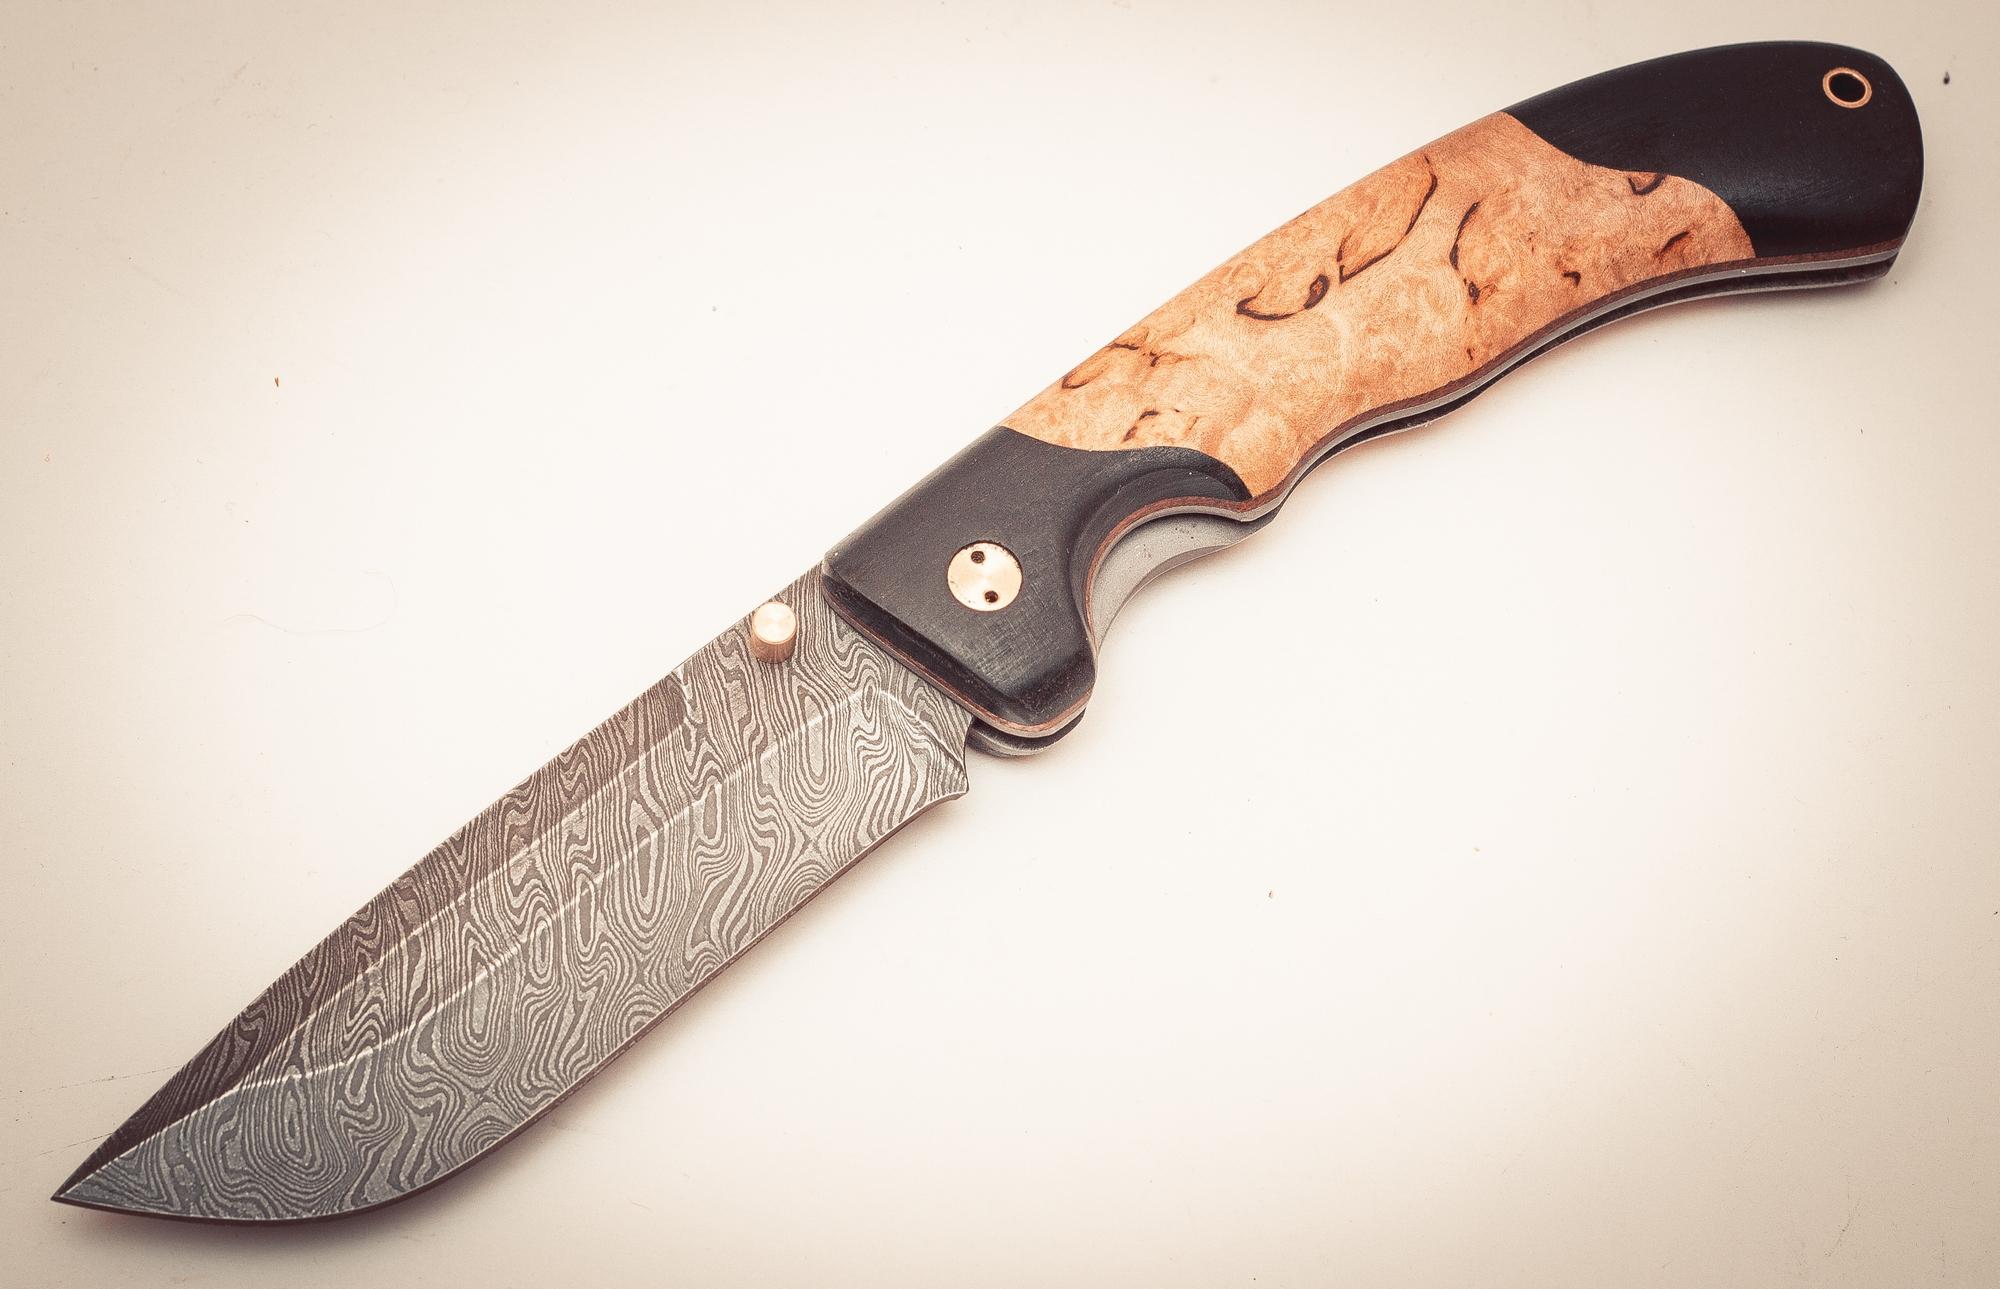 Фото 2 - Складной нож Половец, дамаск,  карельская береза от Марычев